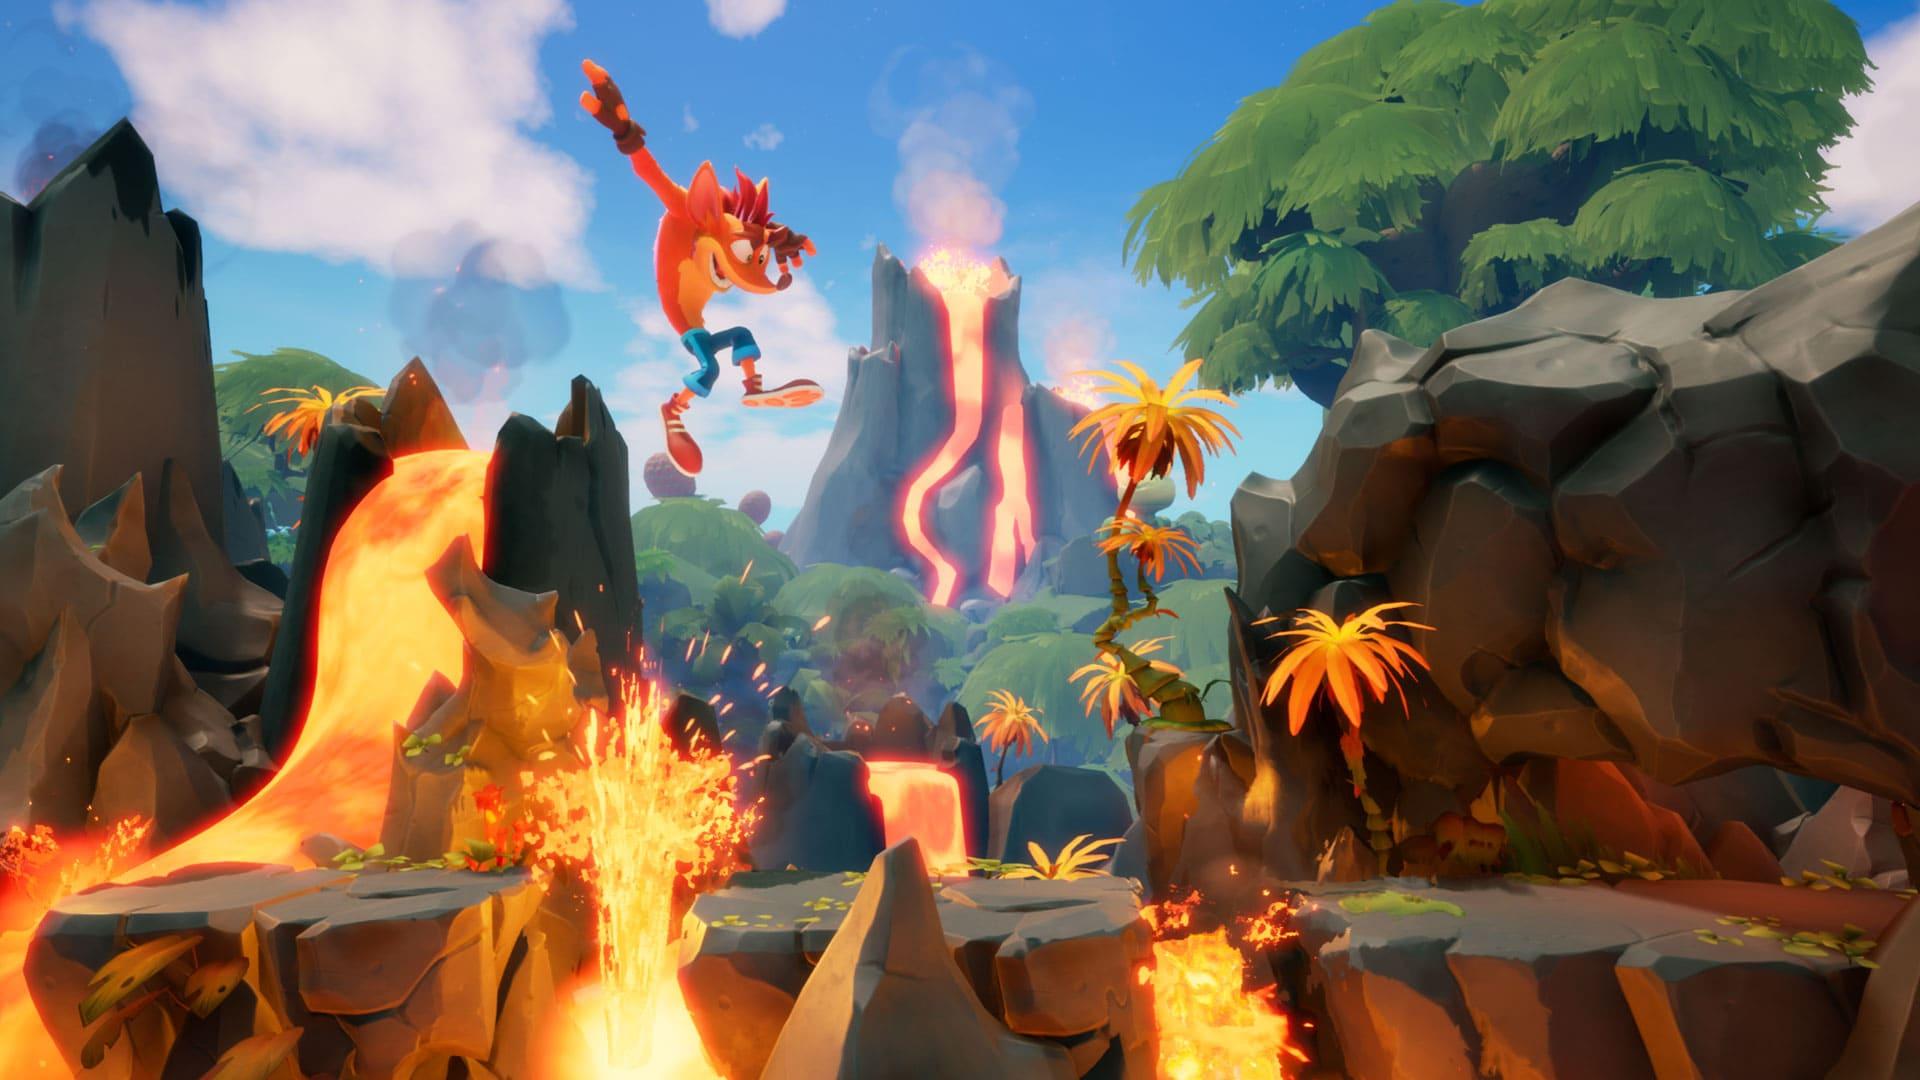 Crash Bandicoot 4: It's About Time recebeu trailer de gameplay inédito no State of Play. (Foto: Divulgação/Activision)